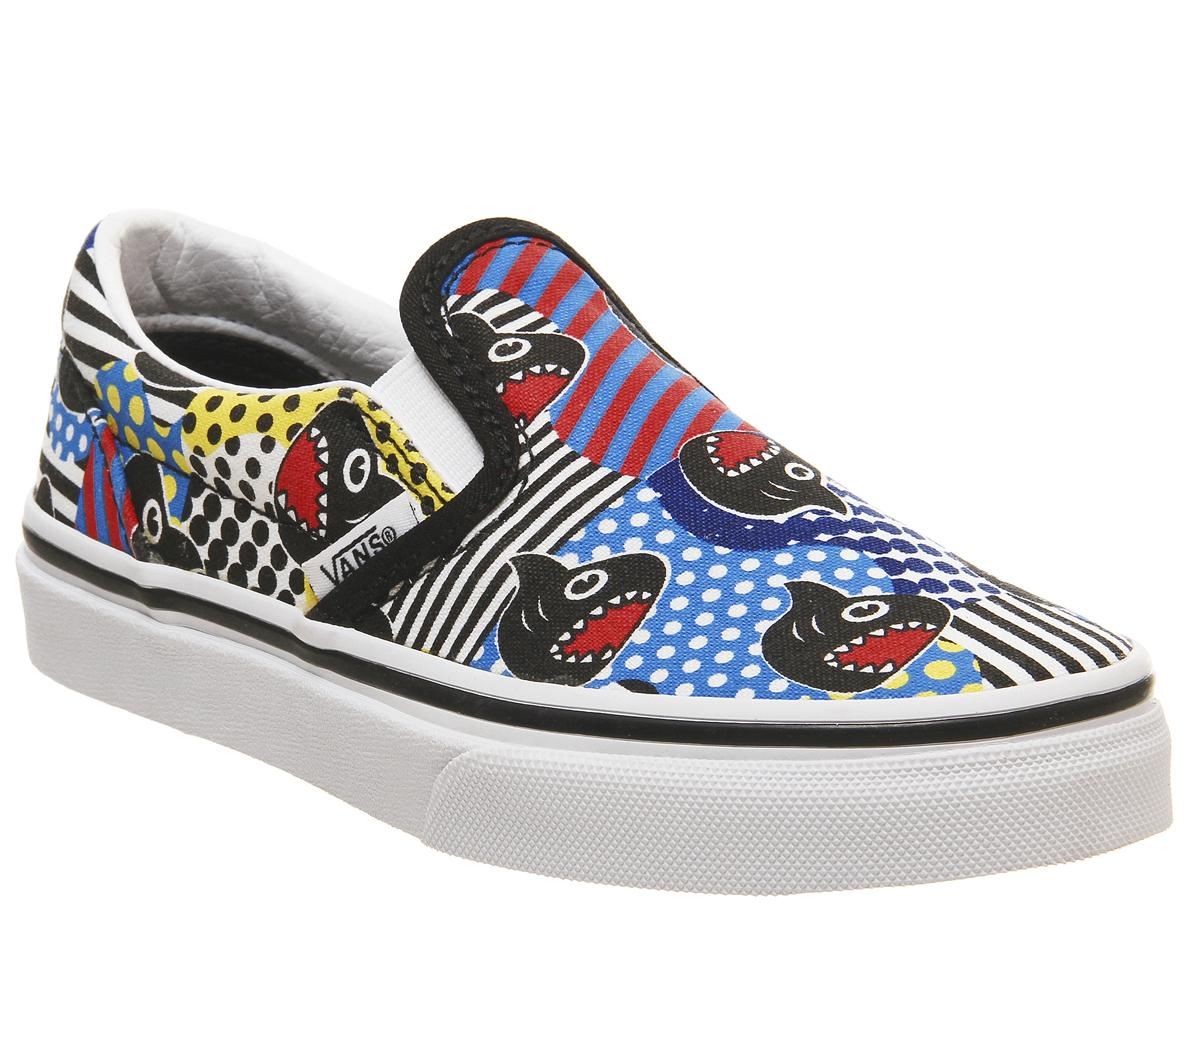 Vans Kids X Marvel Classic Slip On Skate Shoe